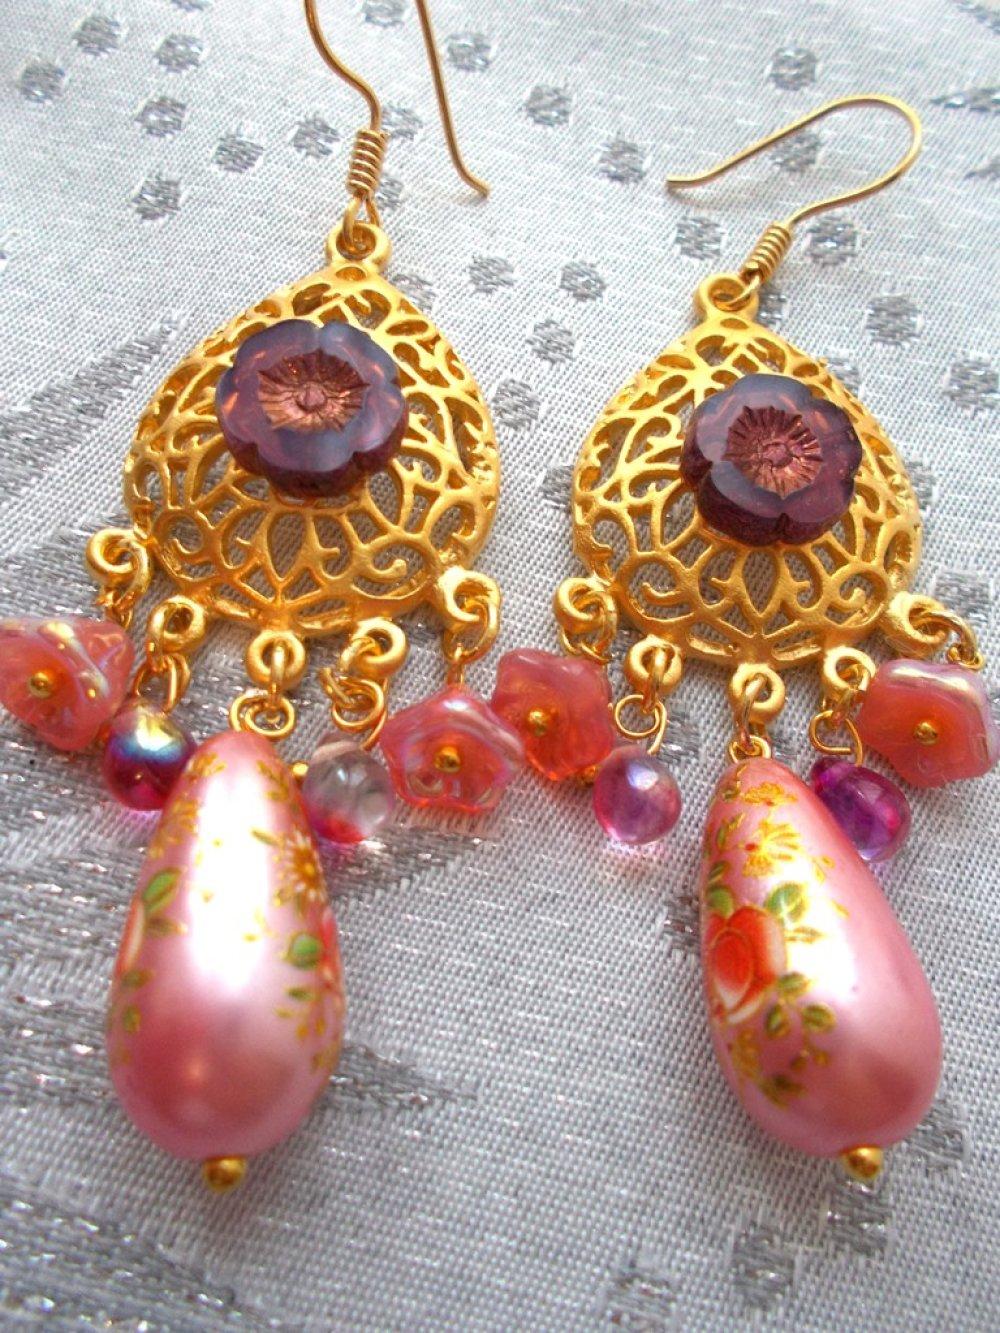 boucles d'oreilles esprit oriental en or et rose